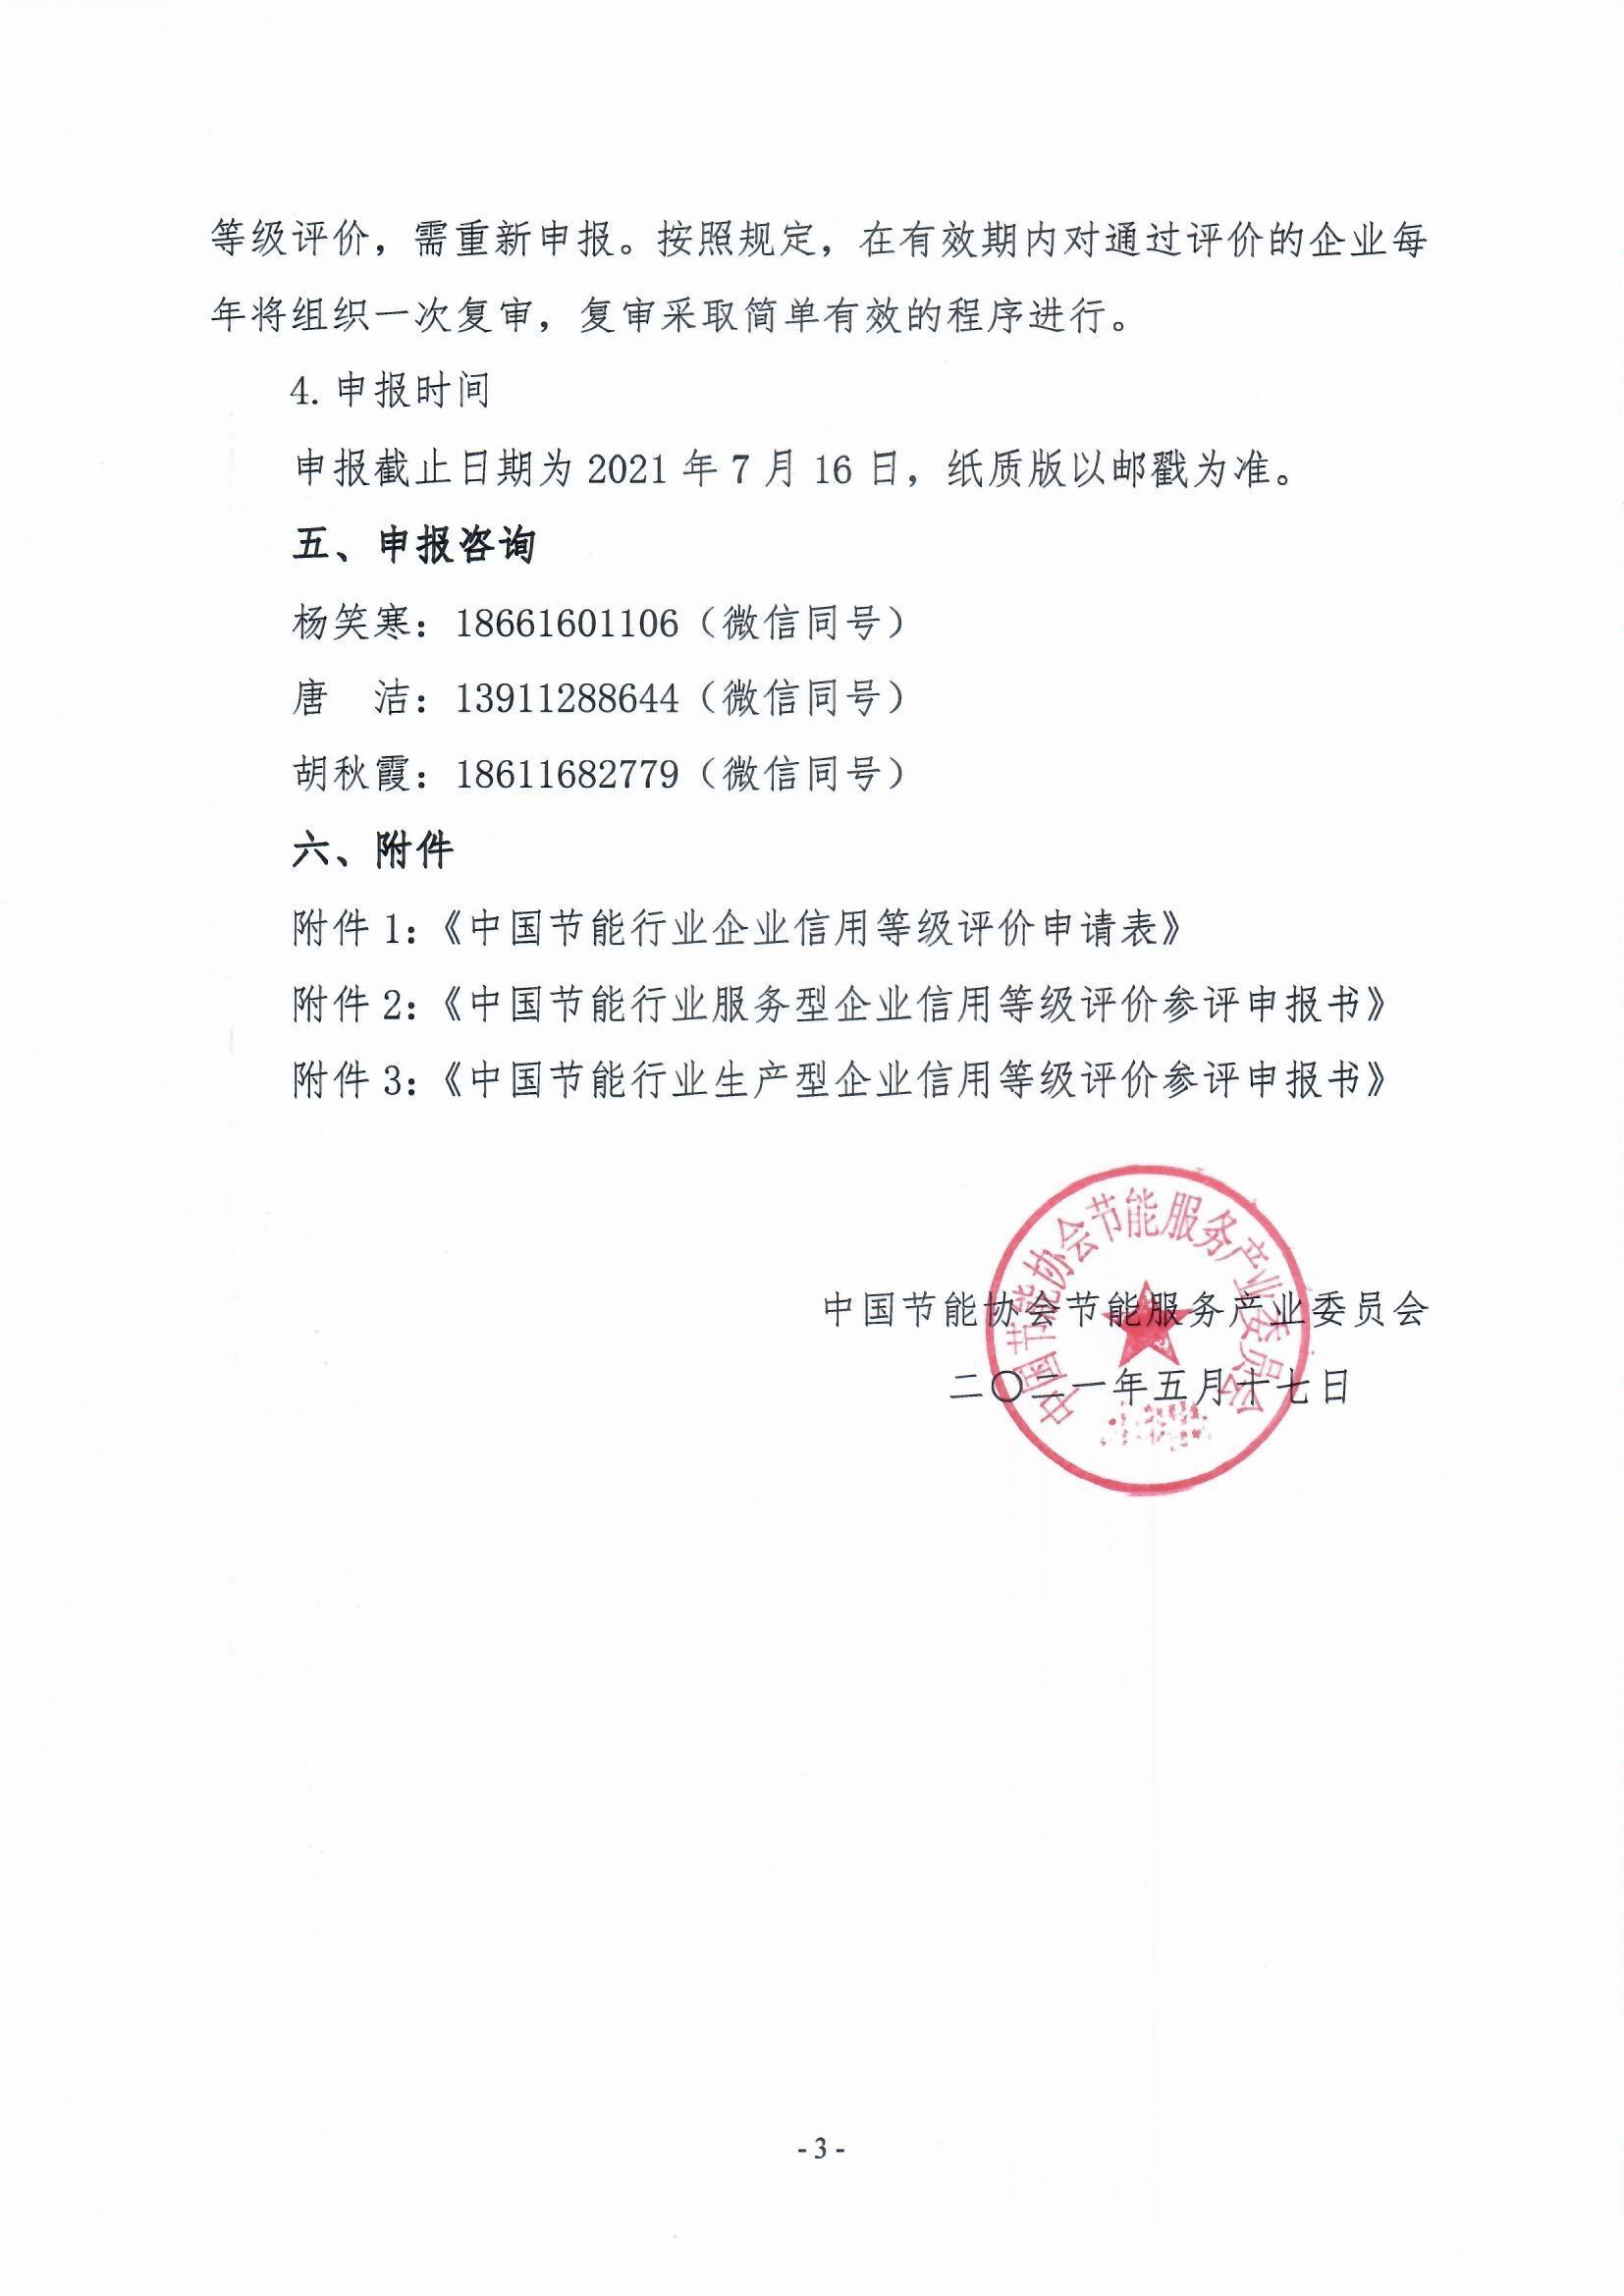 杨笑寒提交的印章申请202105171041000498523 信用等级评价通知_页面_3.jpg